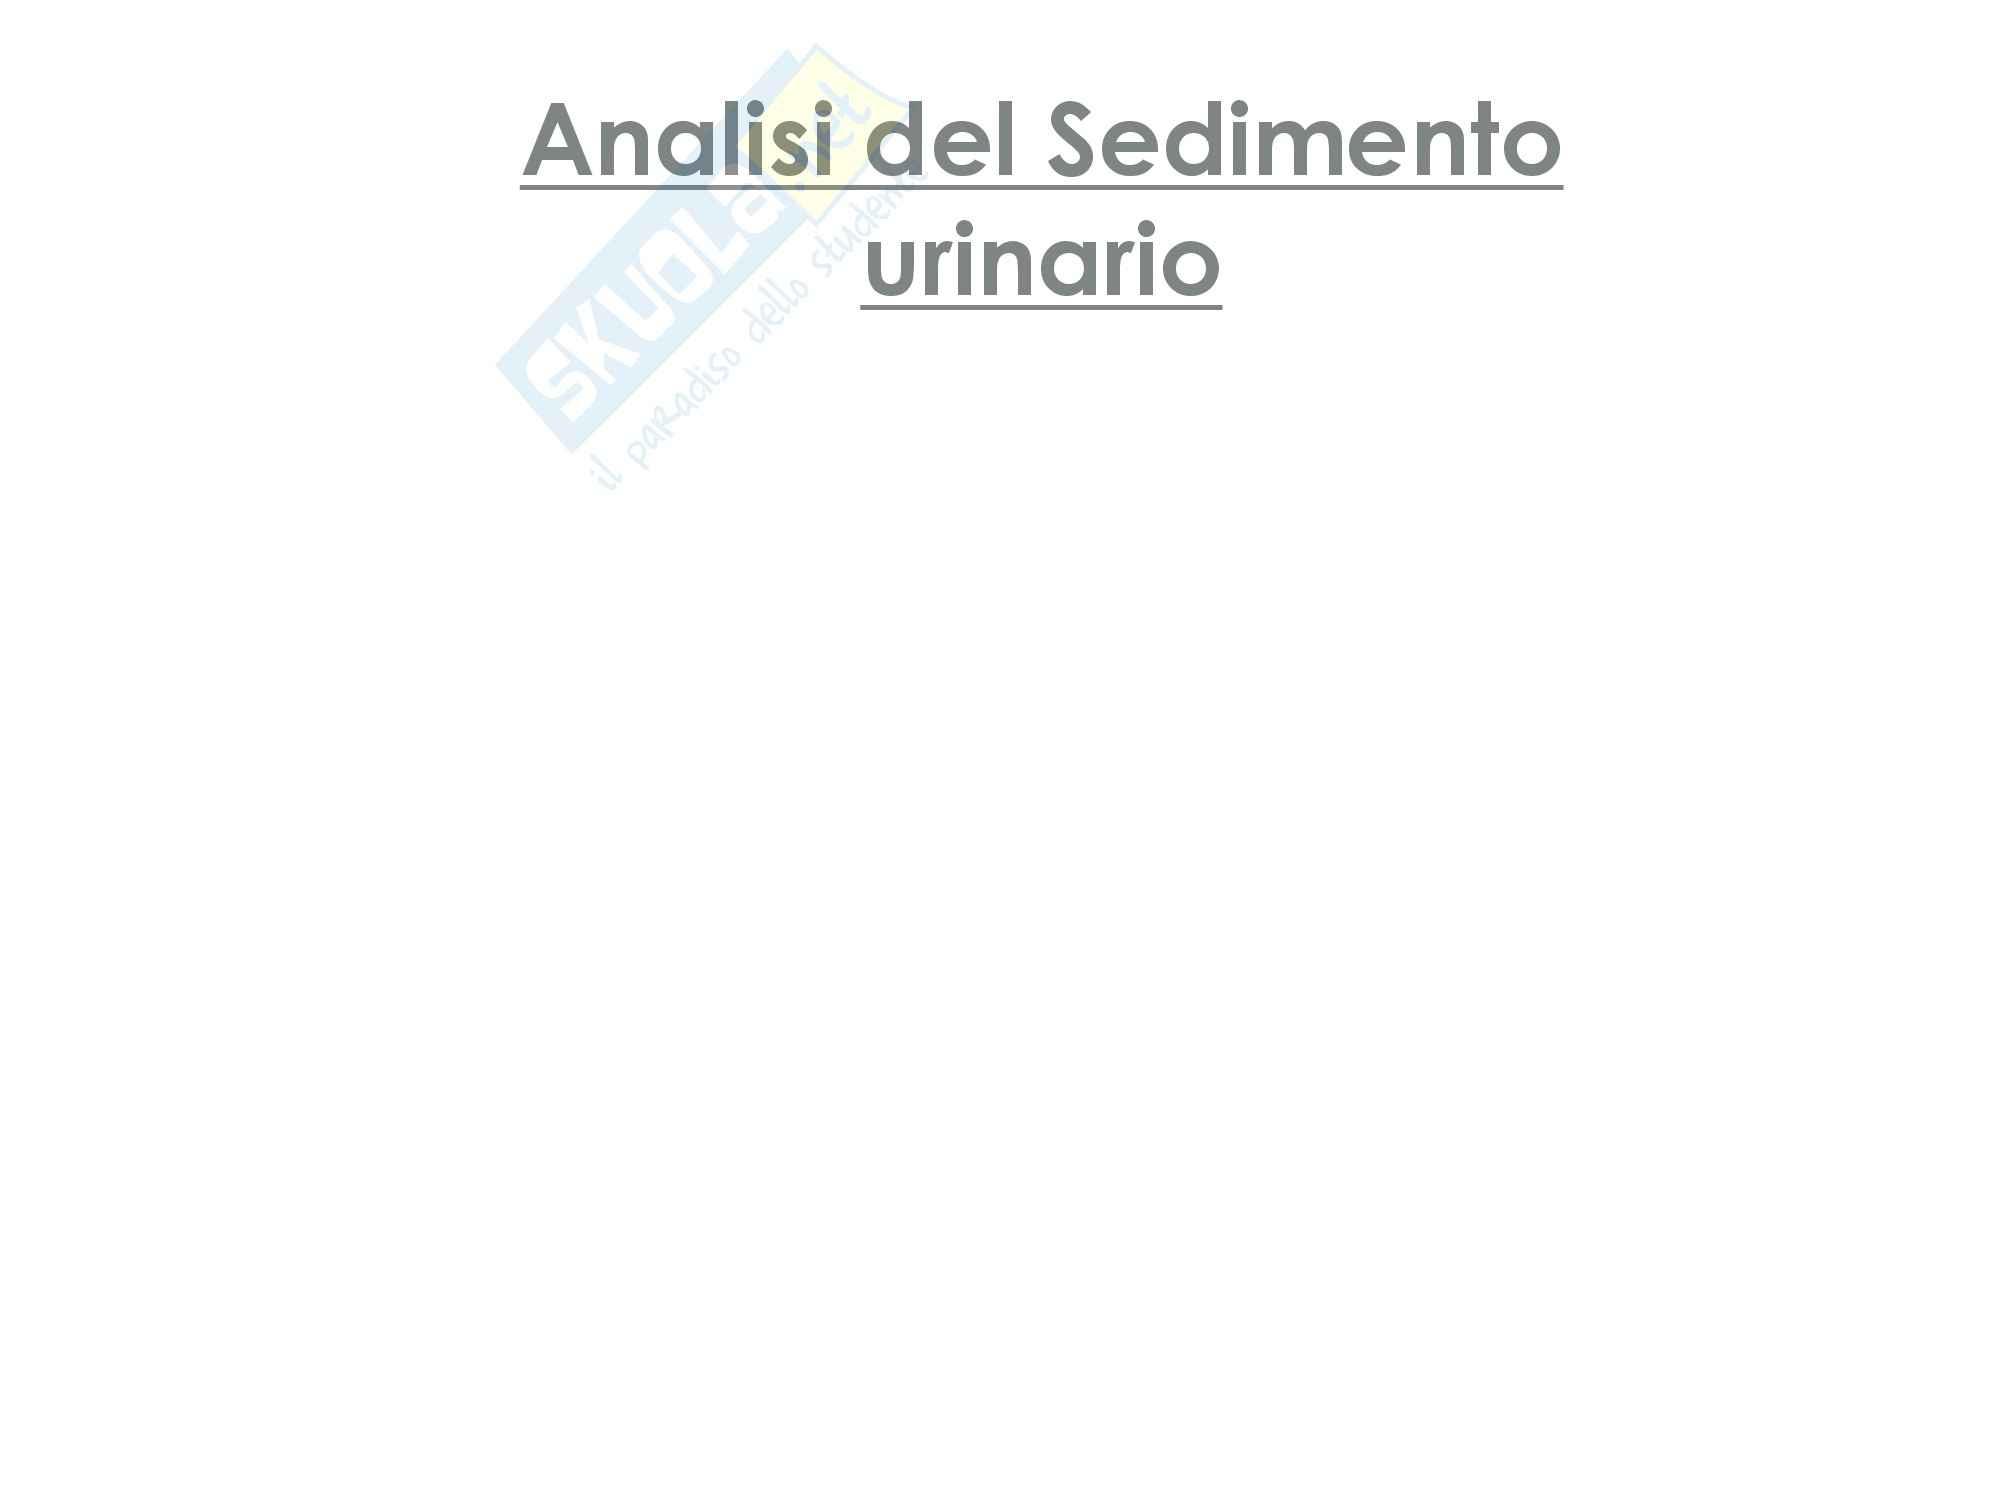 Il sedimento urinario